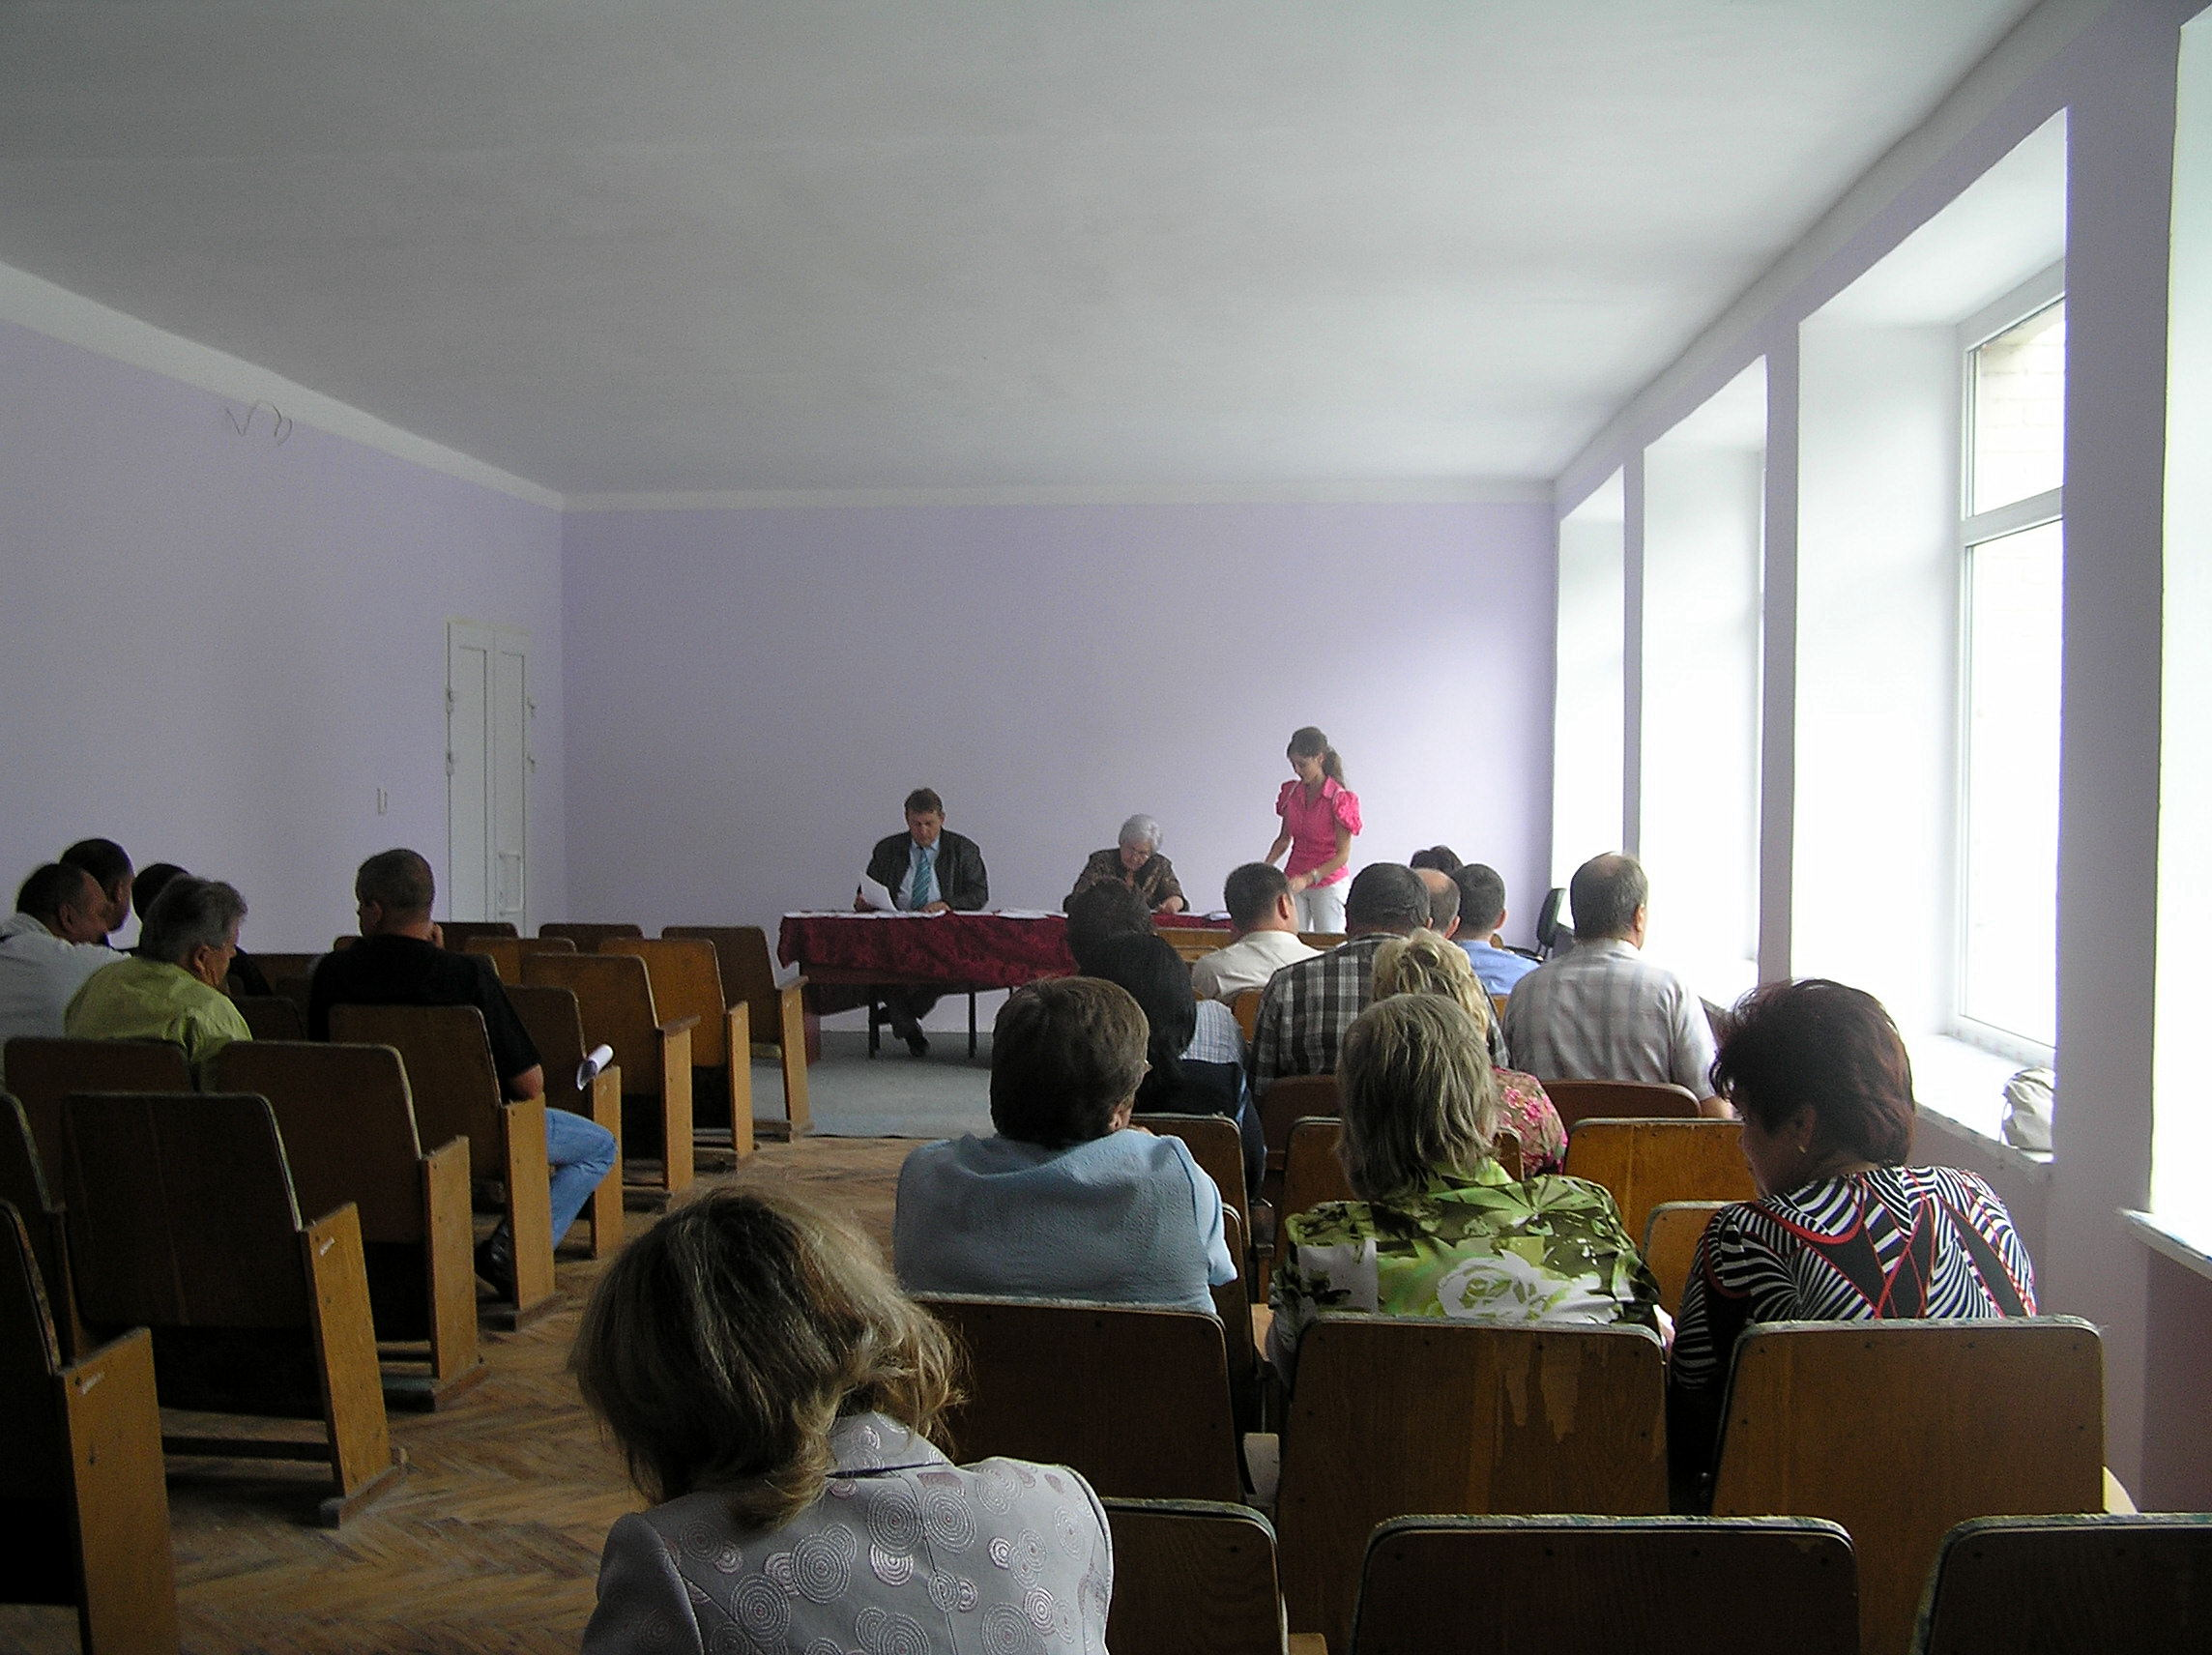 You are browsing images from the article: Izveidojot interešu Kopienas starp lielo pilsētu un lauku teritoriju.